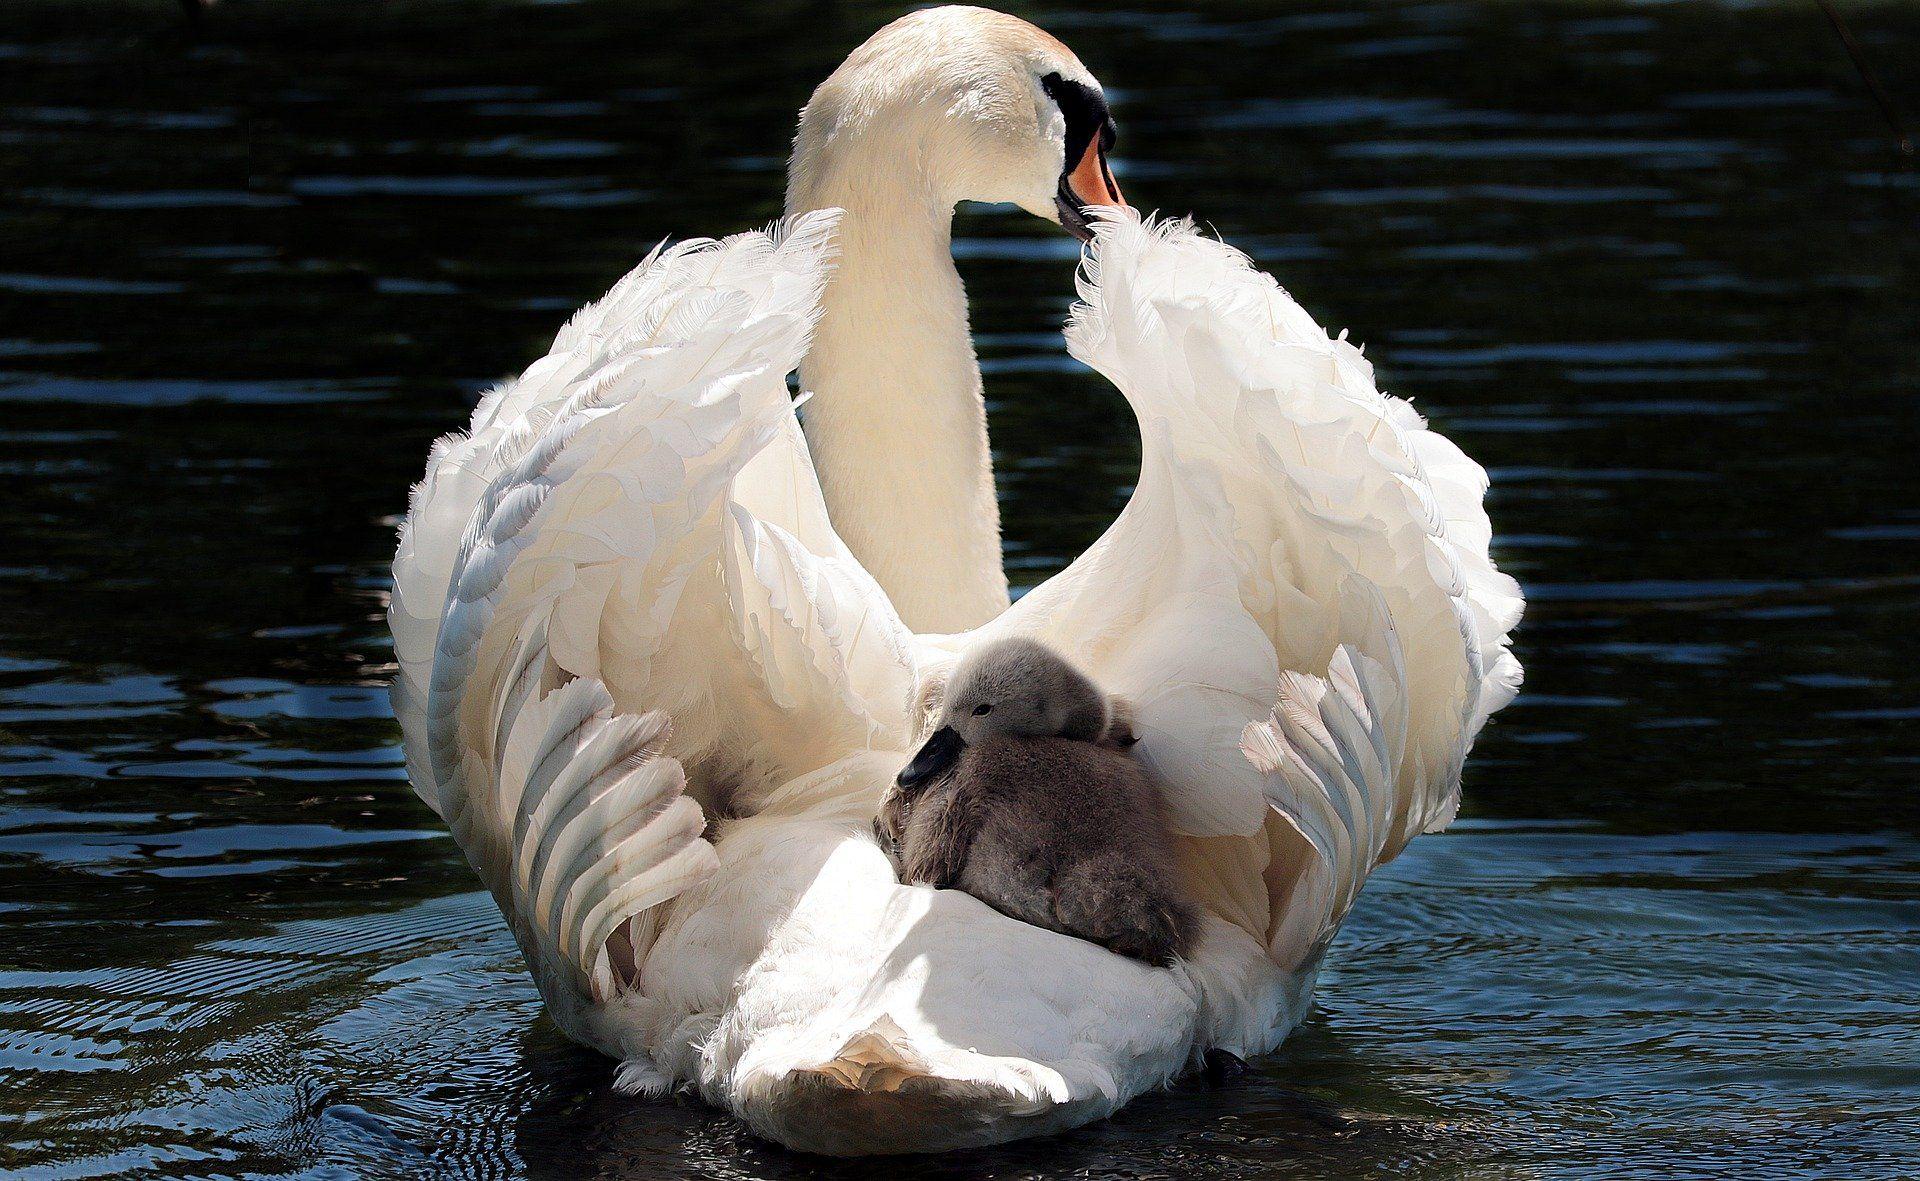 Скачать лучшую картинку про белого лебедя бесплатно